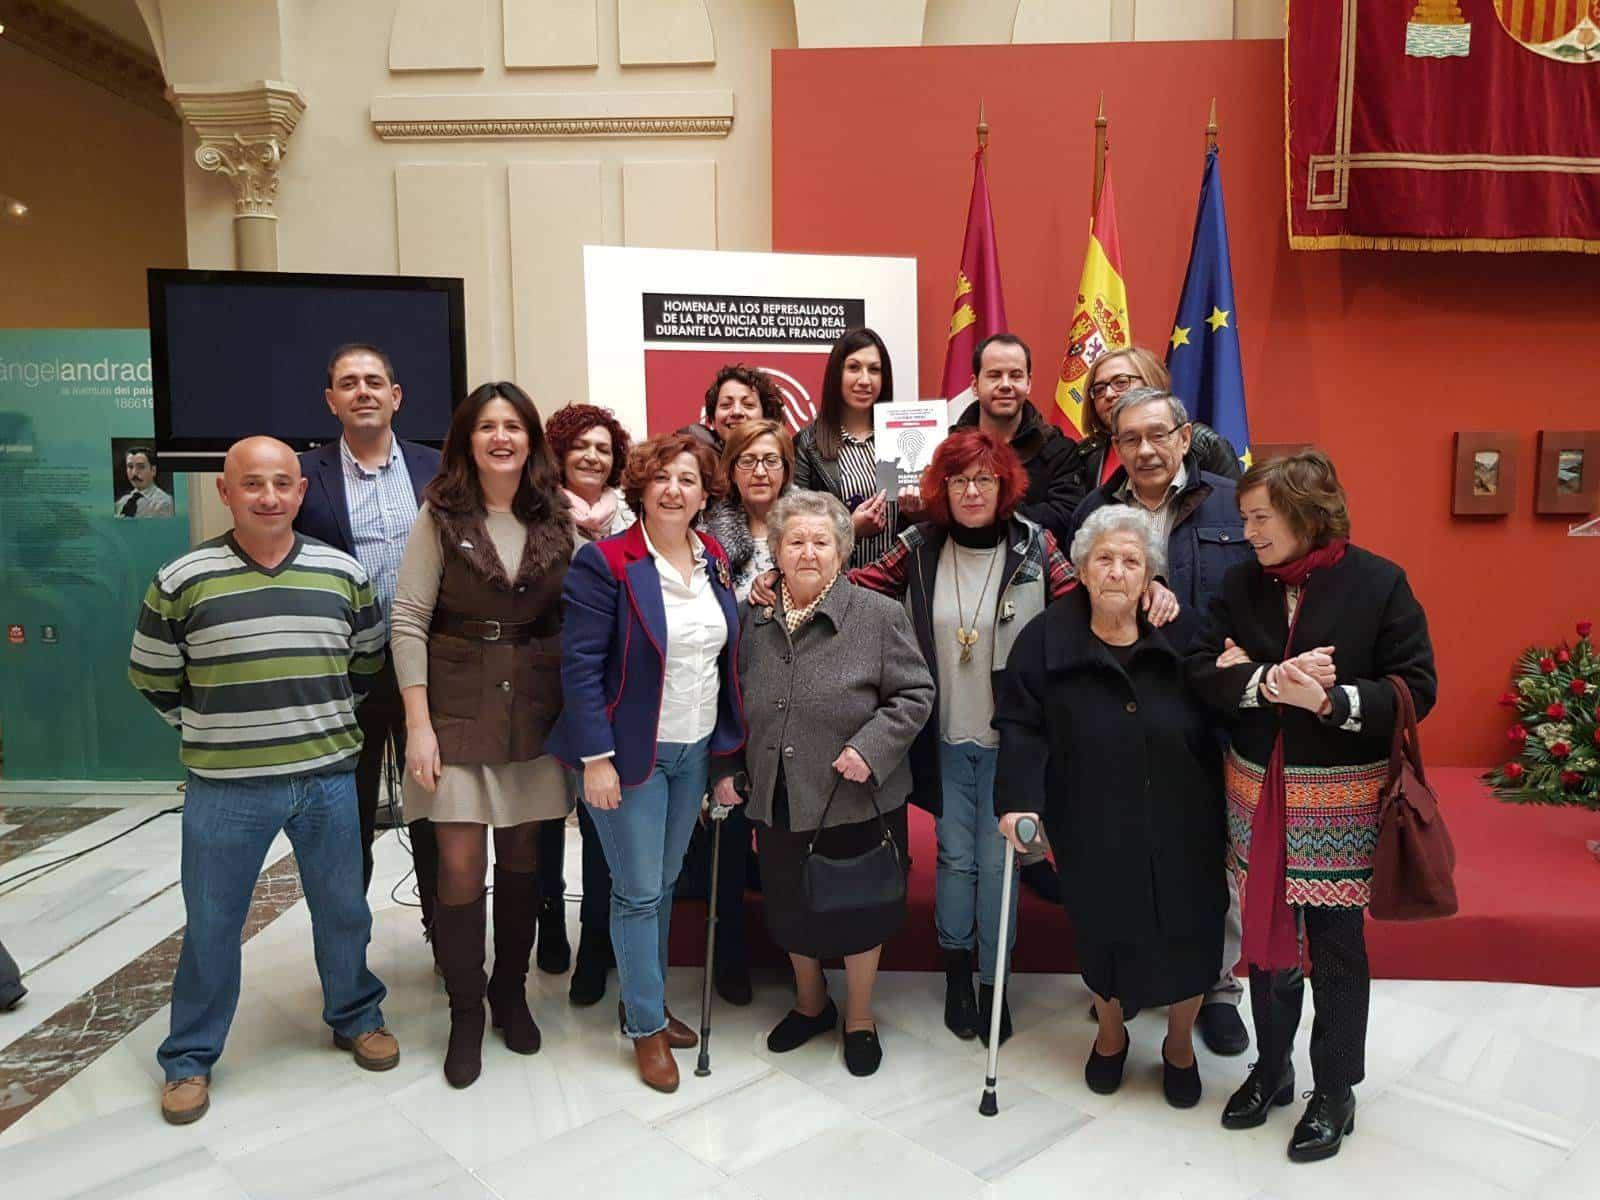 Memoria de los represalidos de la dictadura franquista en Herencia - Mapa de Memoria de los represaliados de la dictadura franquista en Herencia